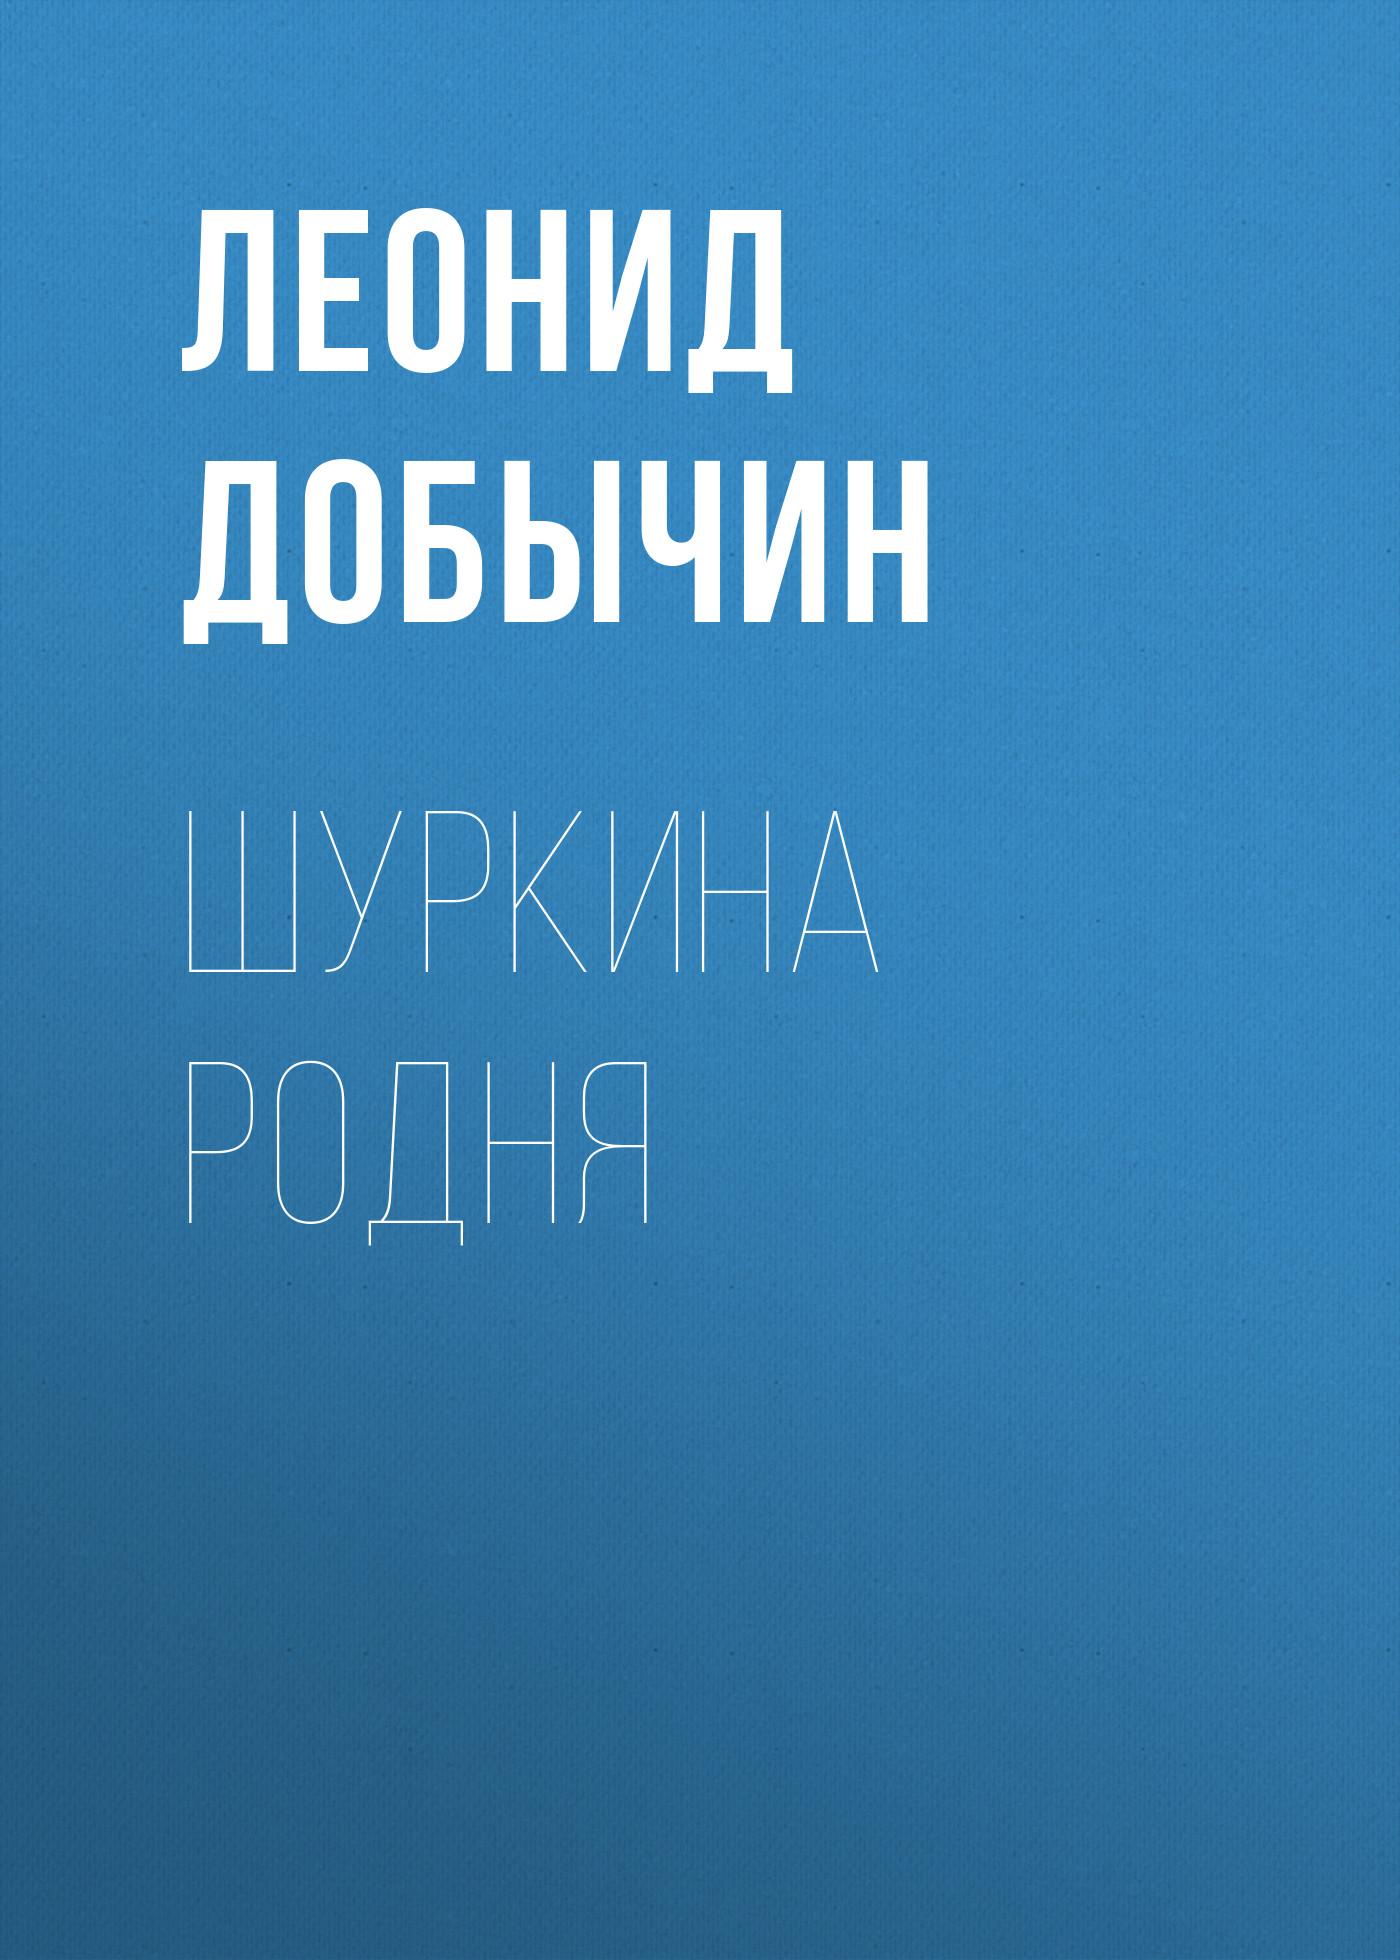 Купить книгу Шуркина родня, автора Леонида Добычина